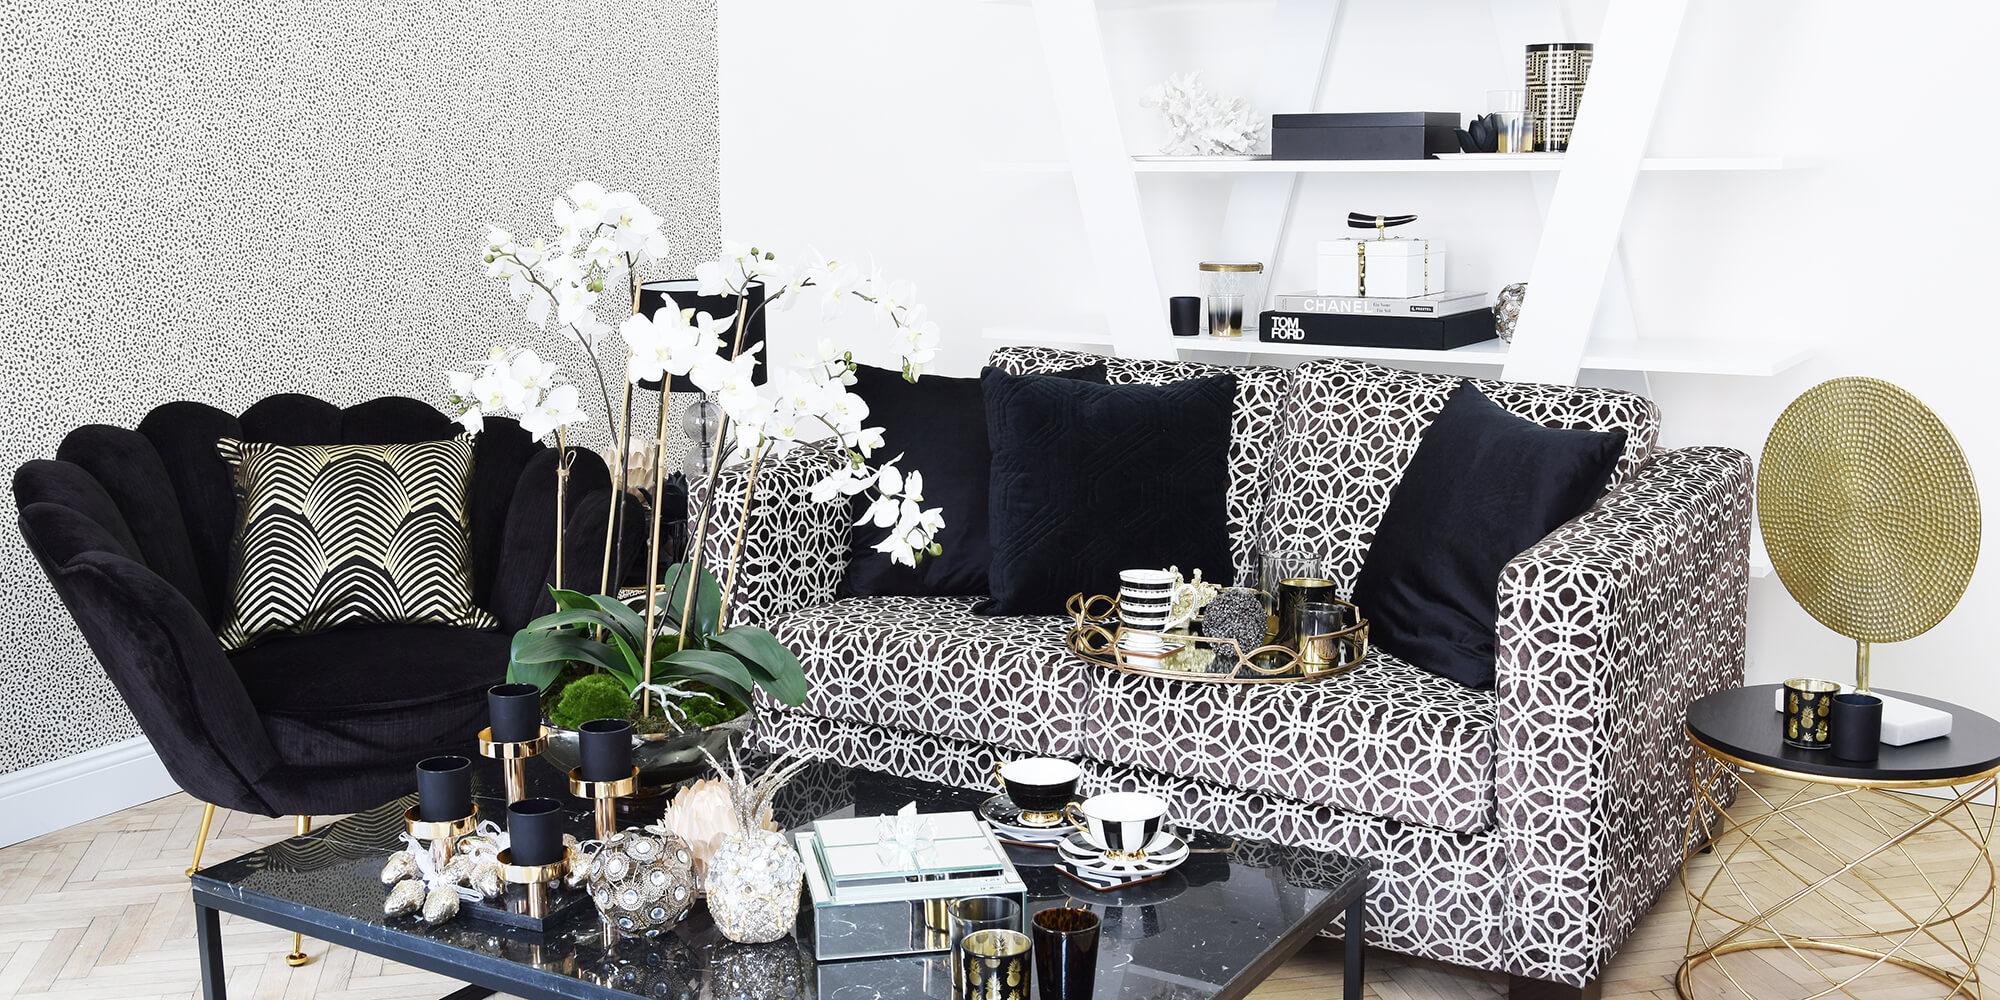 Wohnzimmer mit eleganten, schwarzen Akzenten